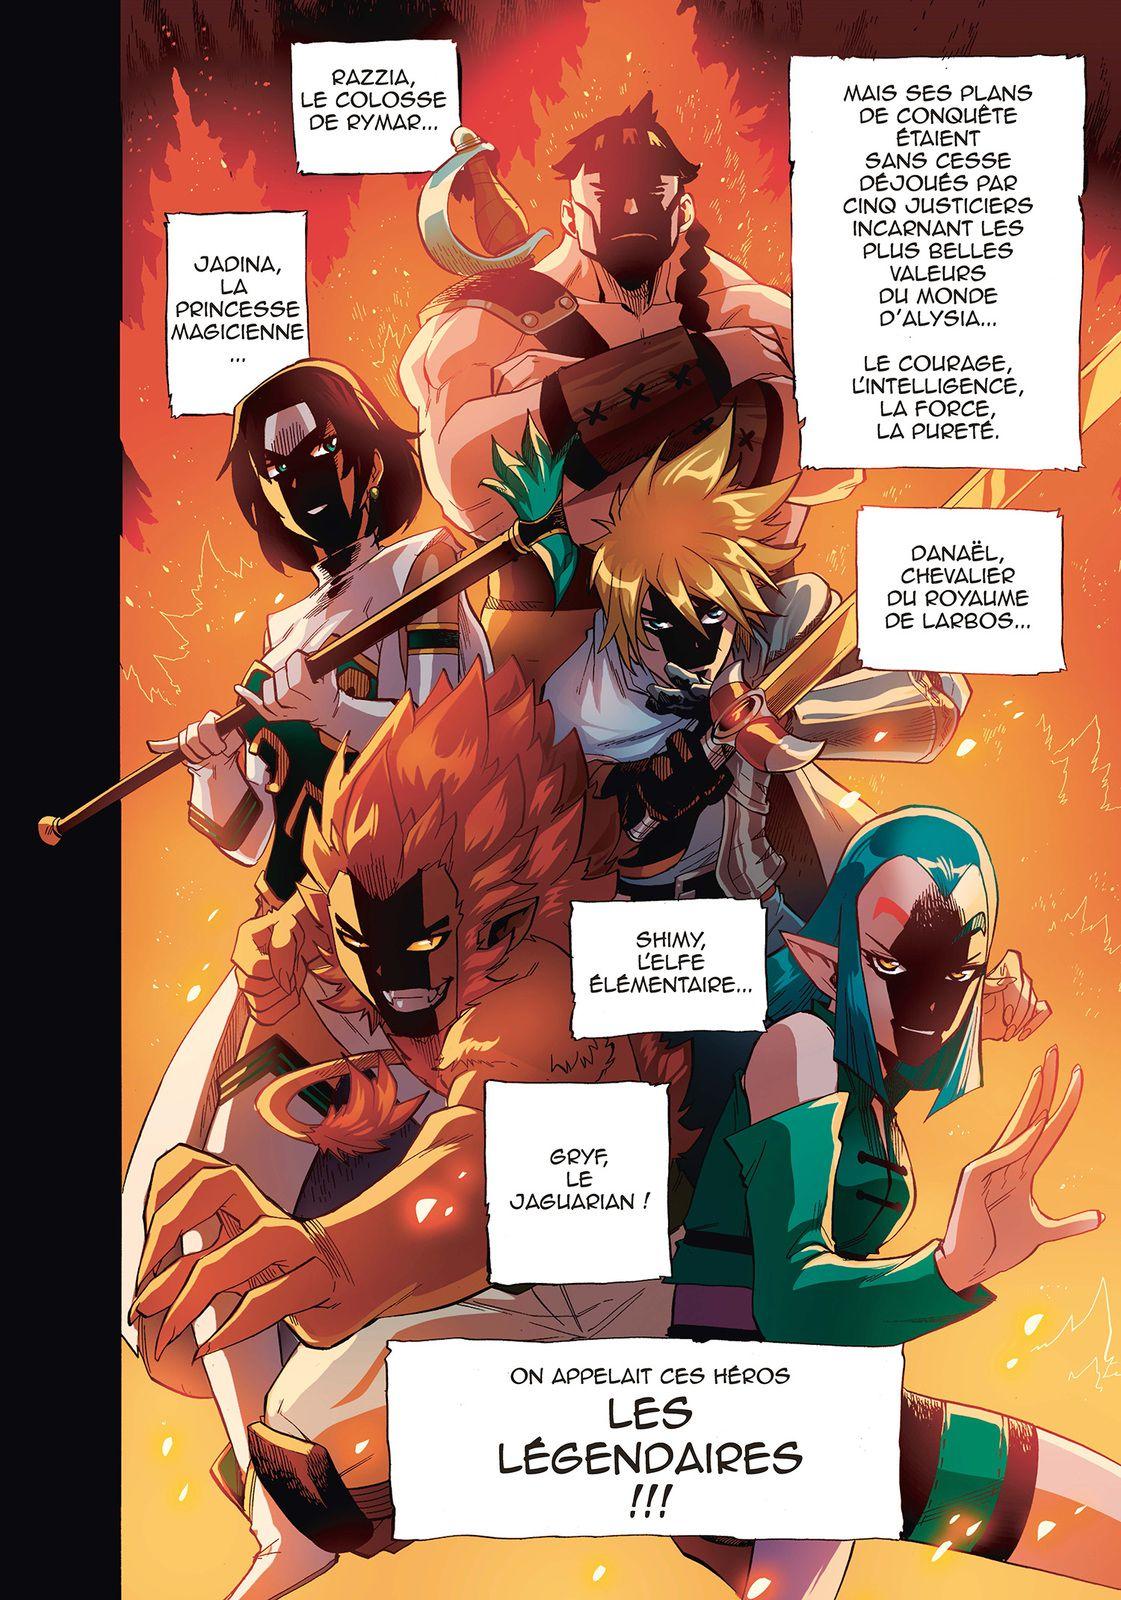 ALERTE : Le tout premier chapitre des Légendaires Saga - Tome 1 !!